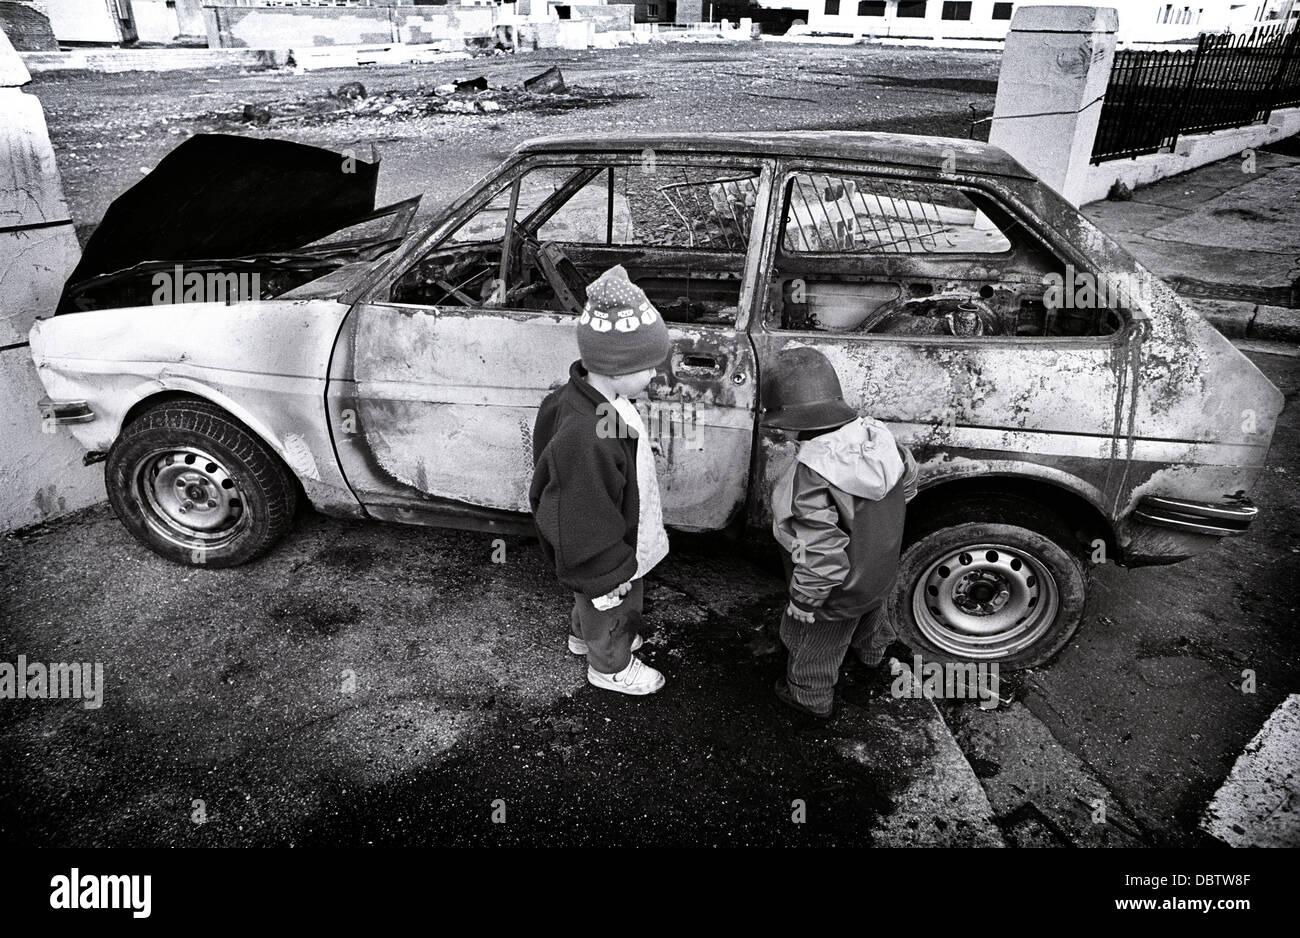 Kinder spielen in der Nähe von einem ausgebrannten Auto in Devonport, England. Anfang der neunziger Jahre Bild. Stockbild